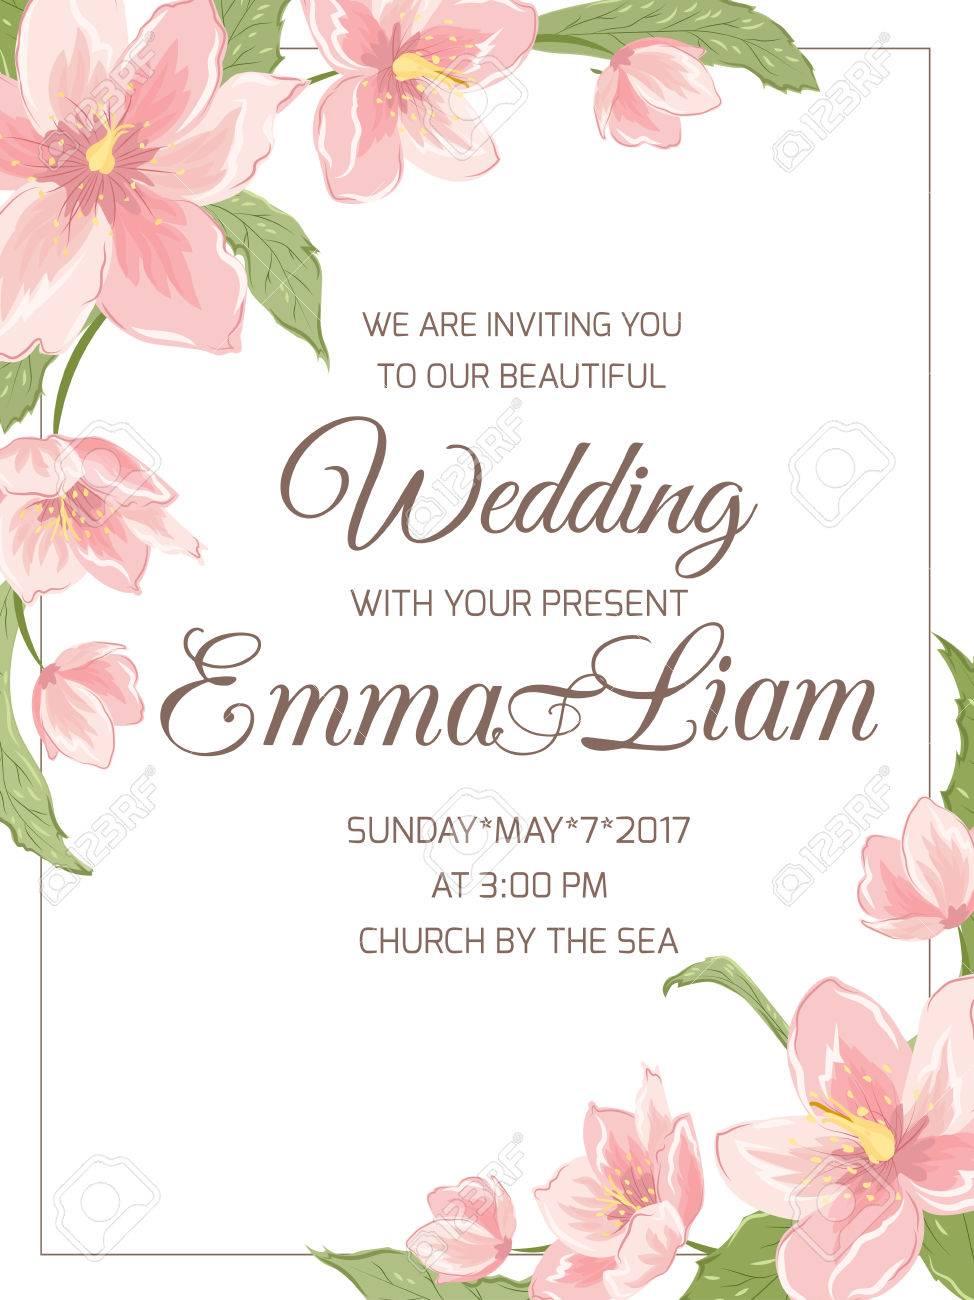 modele de carte d invitation mariage mariage rsvp magnolia sakura hellebore fleurs roses feuilles vertes decoration florale de bordure de coin